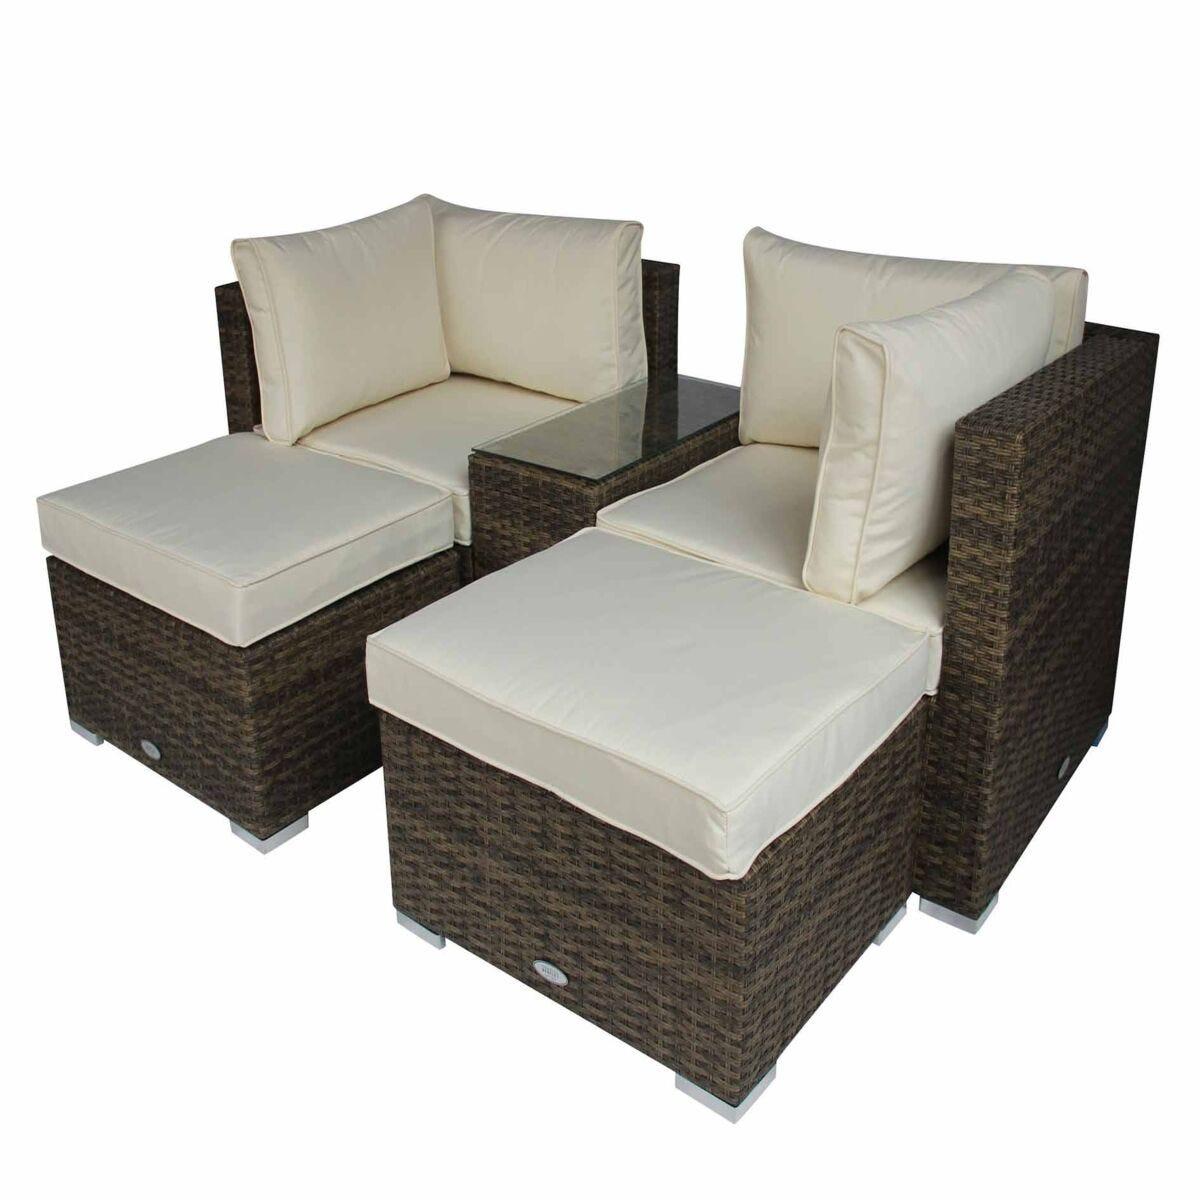 Charles Bentley 5 in 1 Multifunctional Rattan Garden Lounge Set